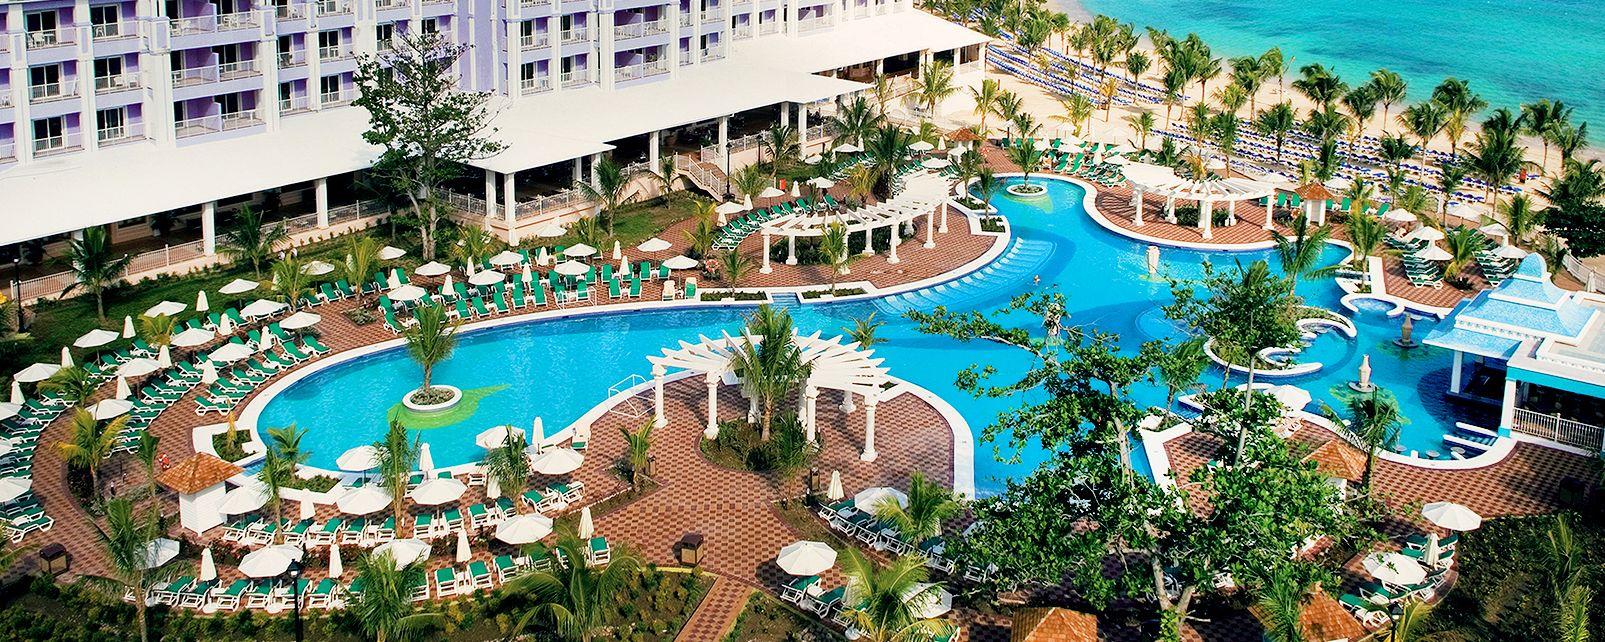 Hôtel RIU OCHOS RIOS HOTEL